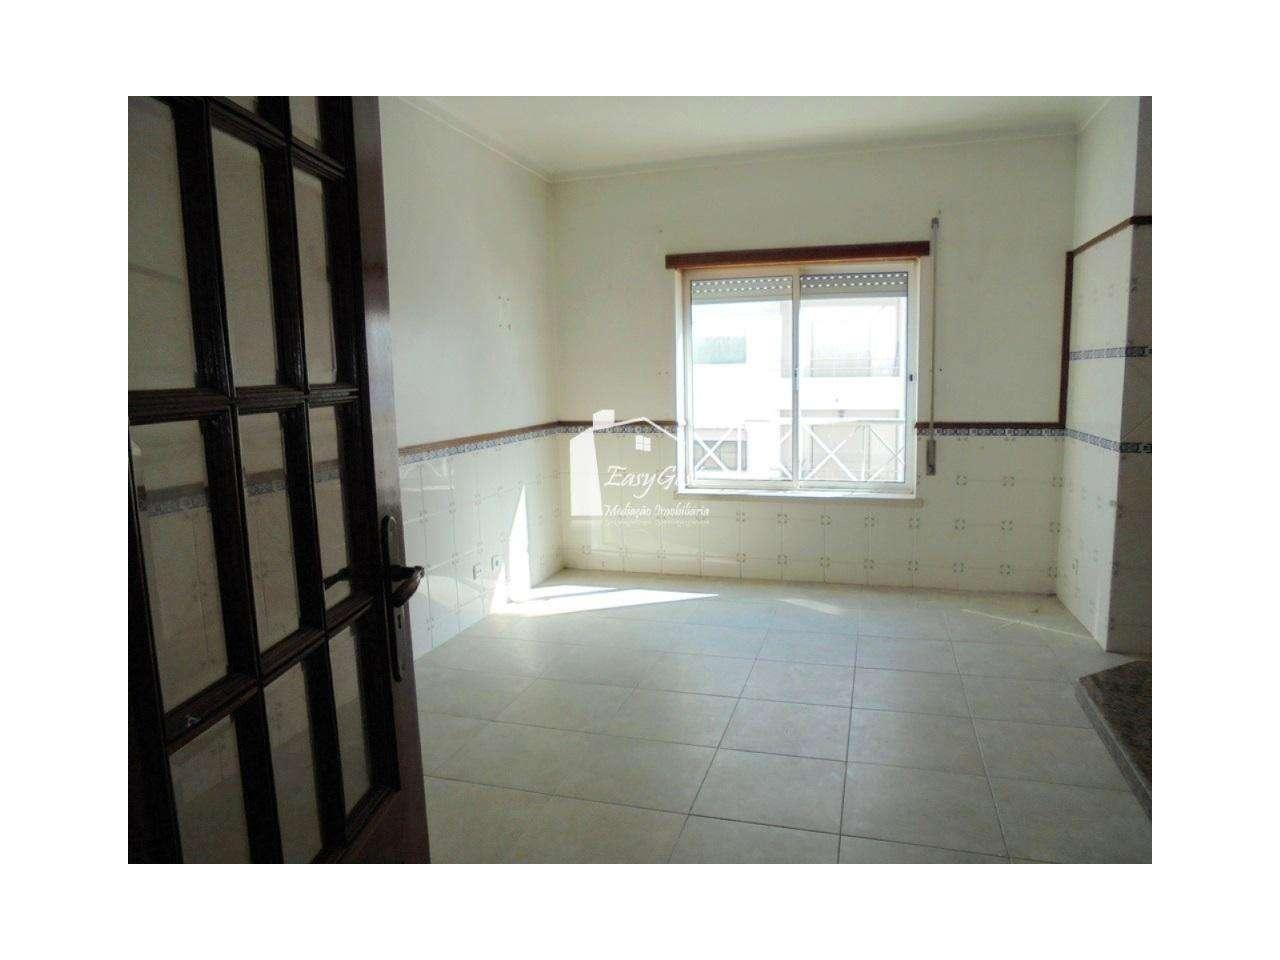 Apartamento para comprar, Nossa Senhora de Fátima, Entroncamento, Santarém - Foto 7